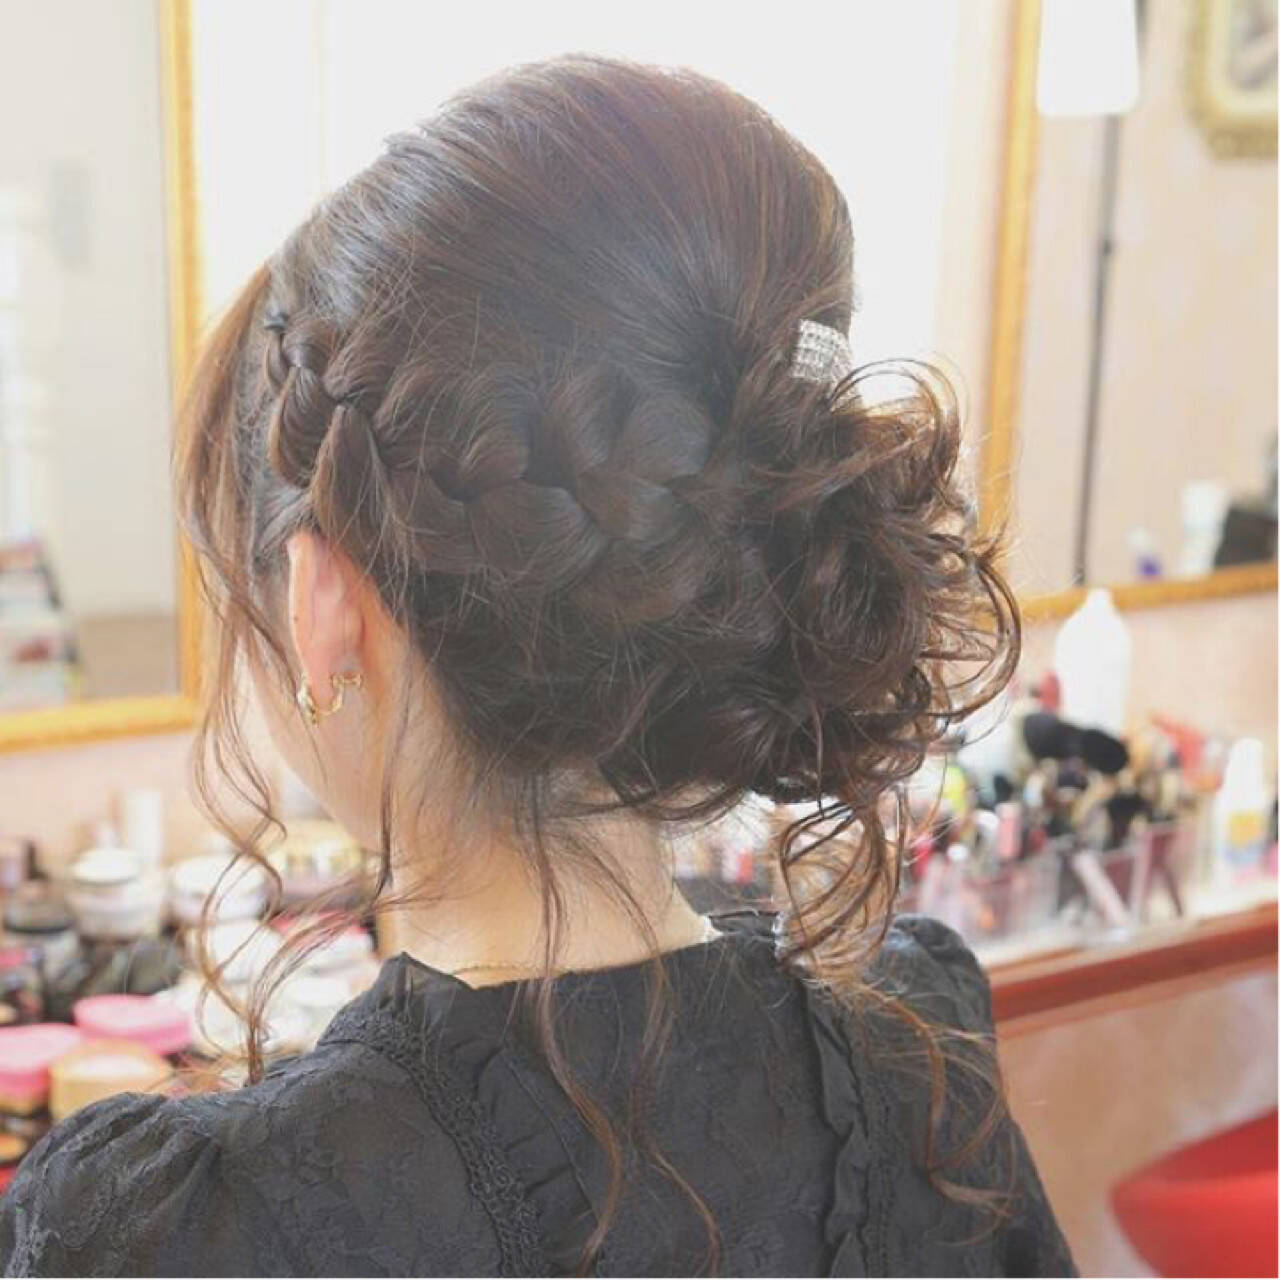 セミロング 結婚式 ナチュラル アップスタイルヘアスタイルや髪型の写真・画像